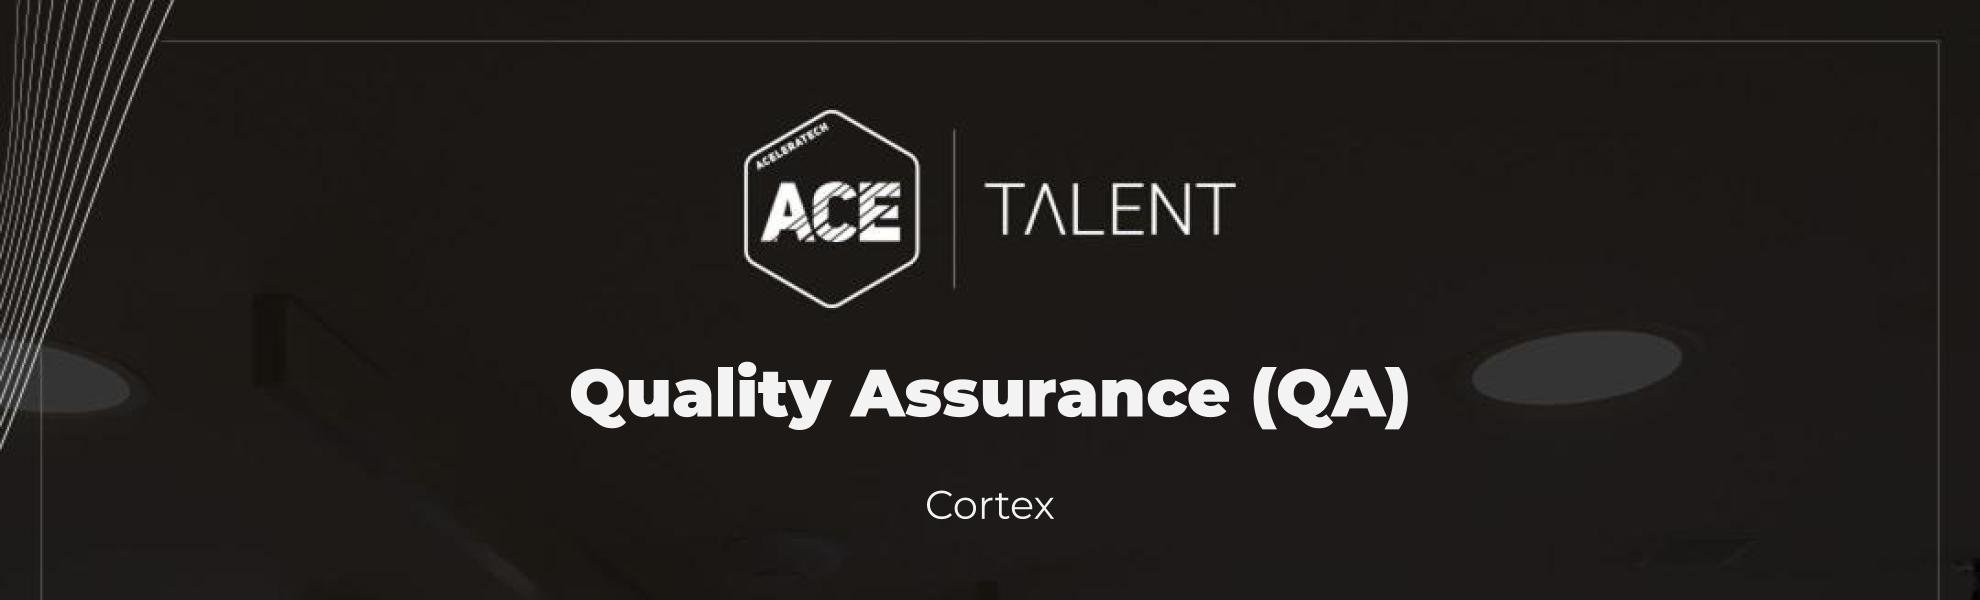 Quality Assurance (QA)